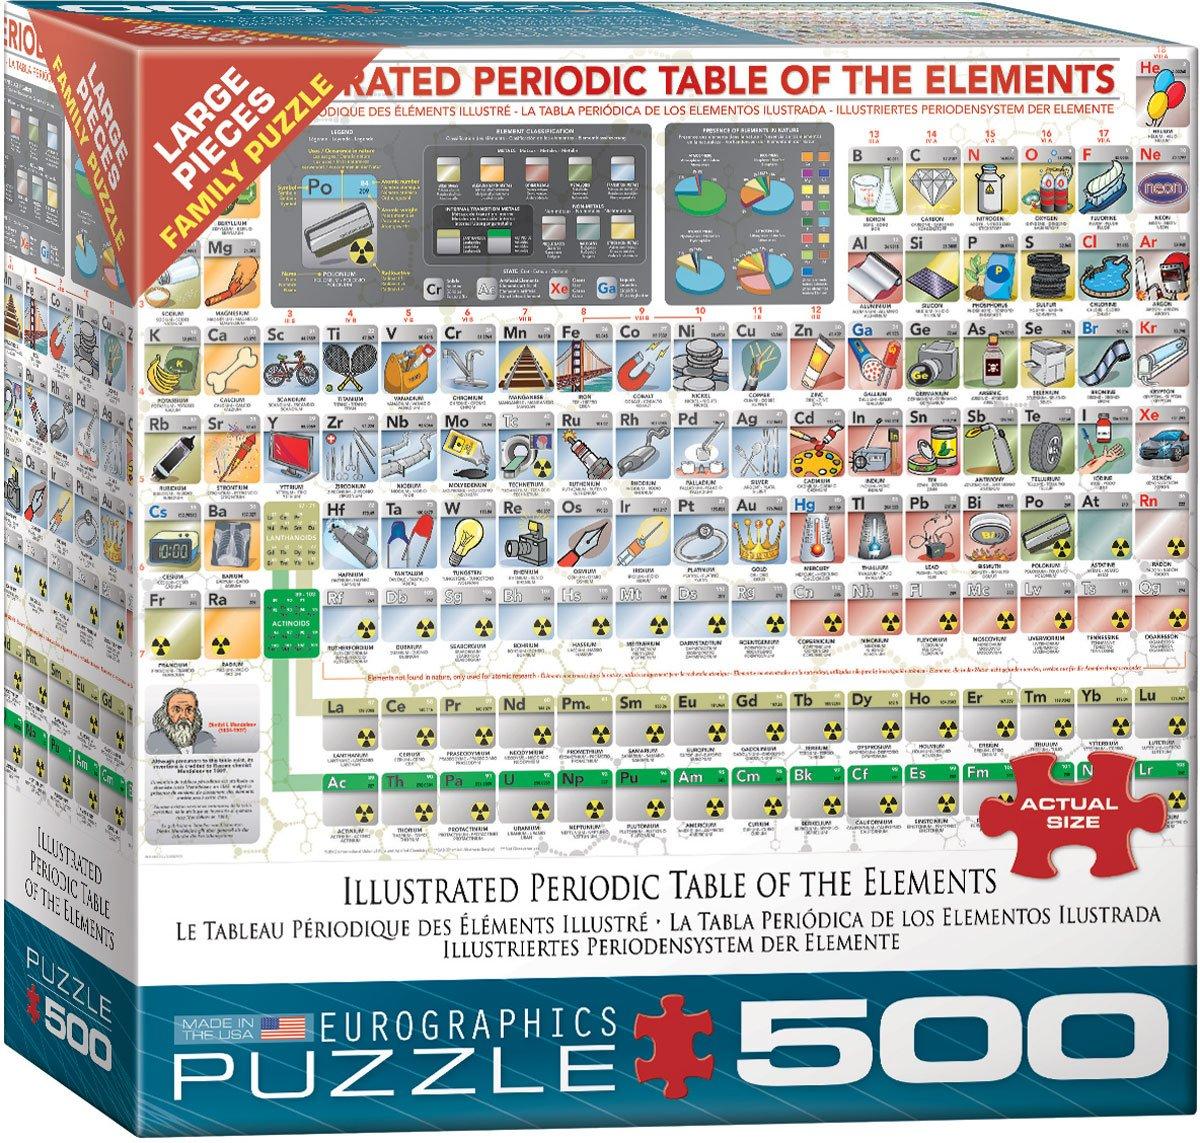 Planet Trefl 39055 Jigsaw Puzzle Round 24 Pieces